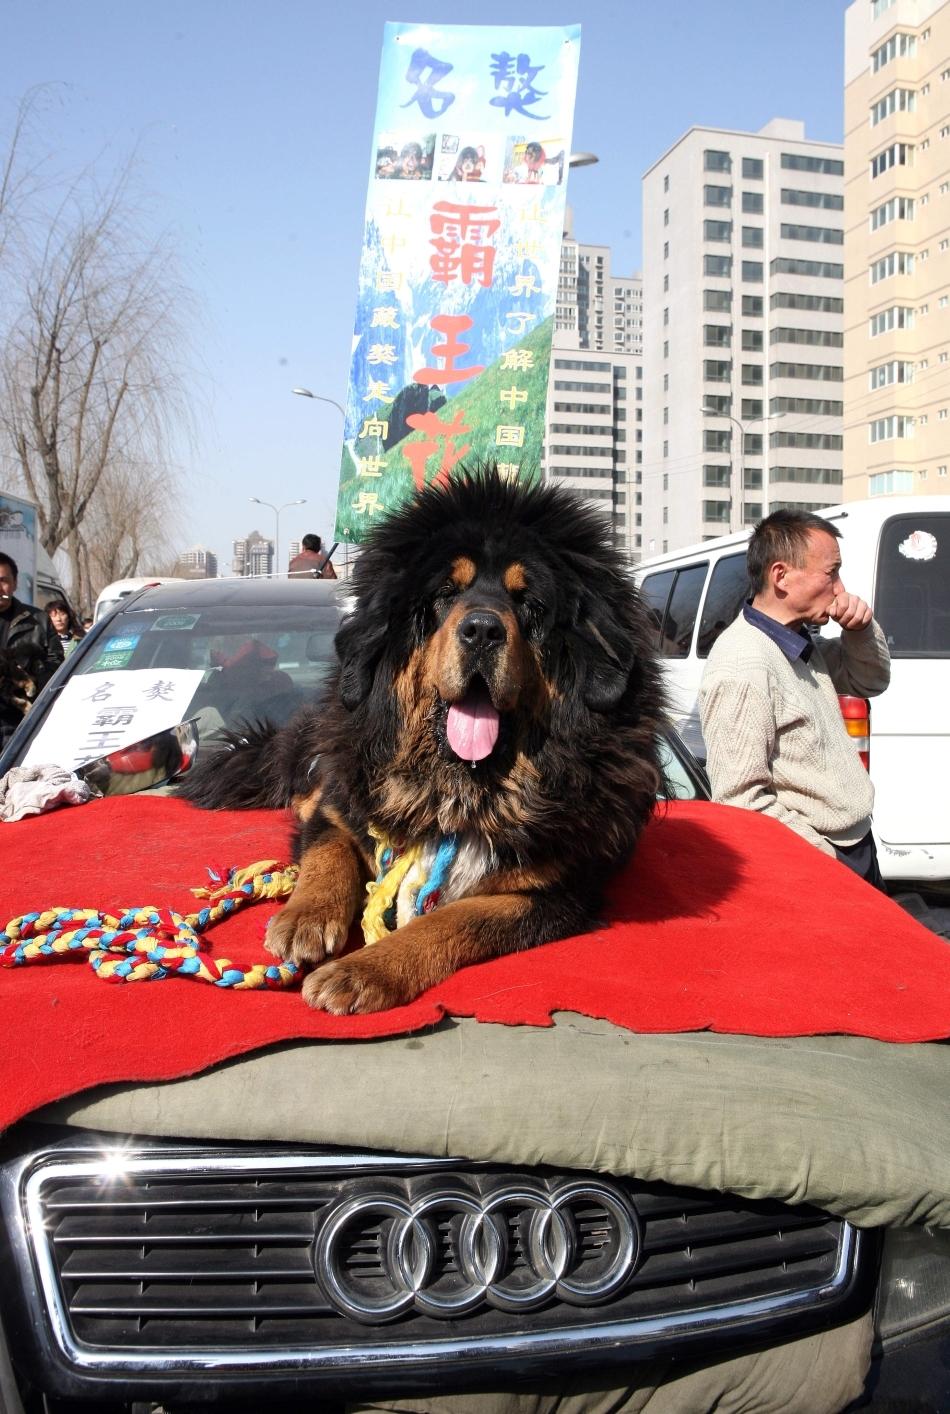 Dog tibetan oferit spre vânzare în China